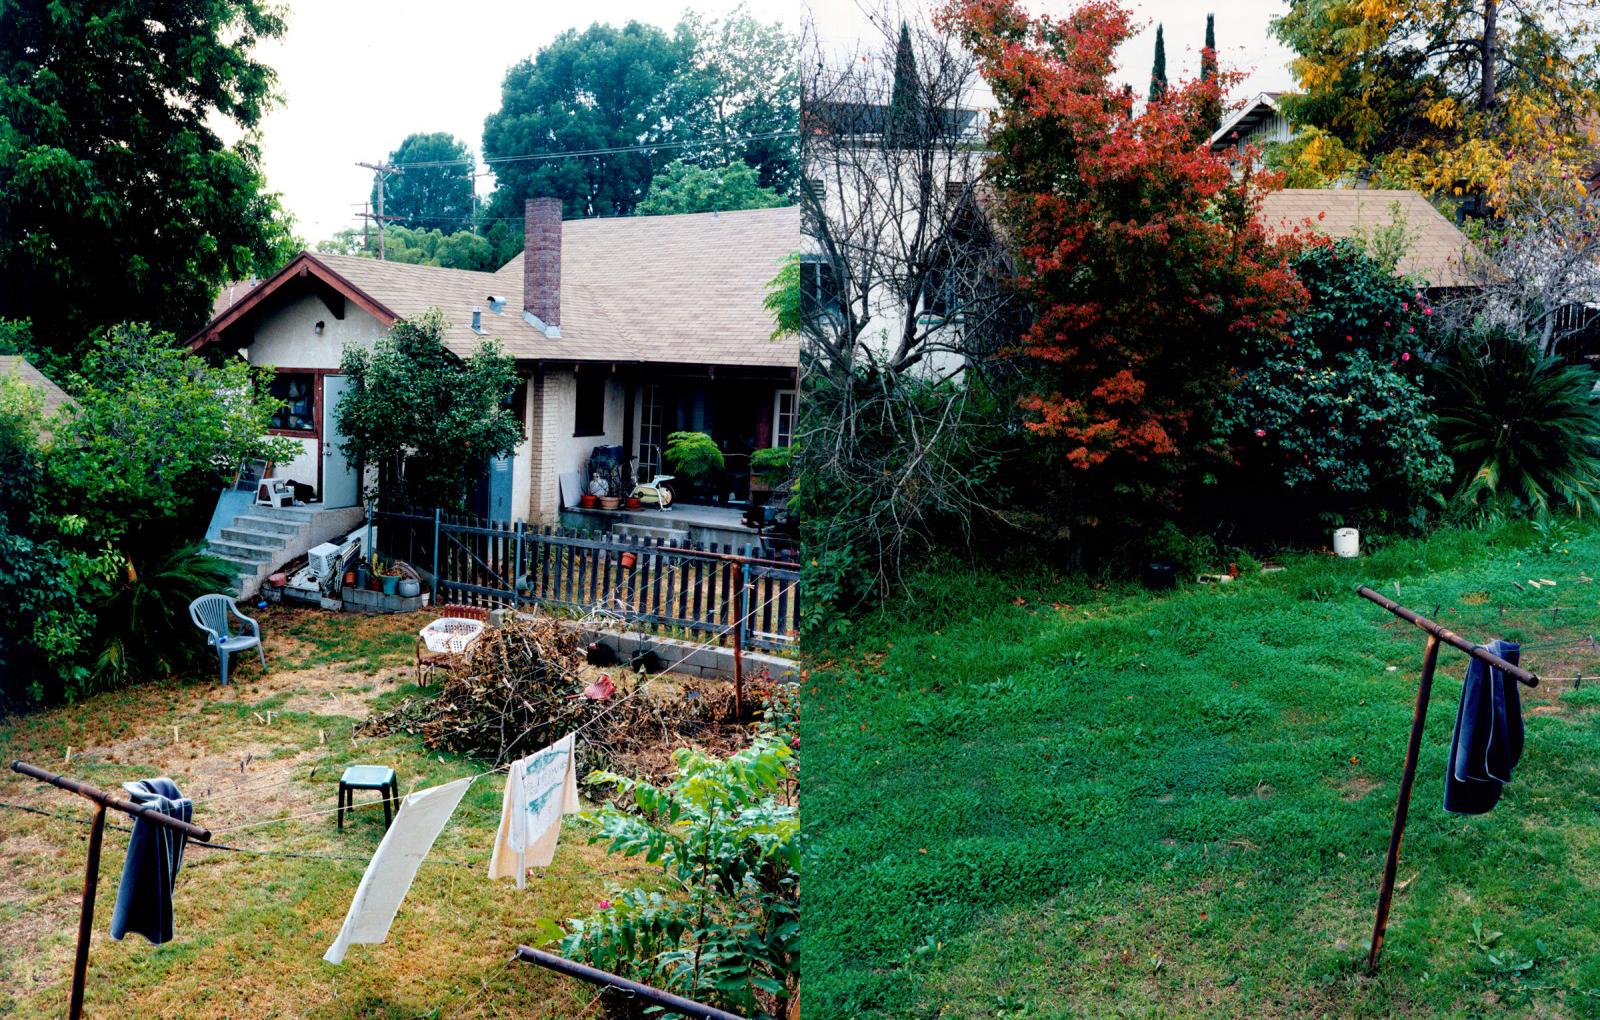 ec_backyard_30-31.jpg